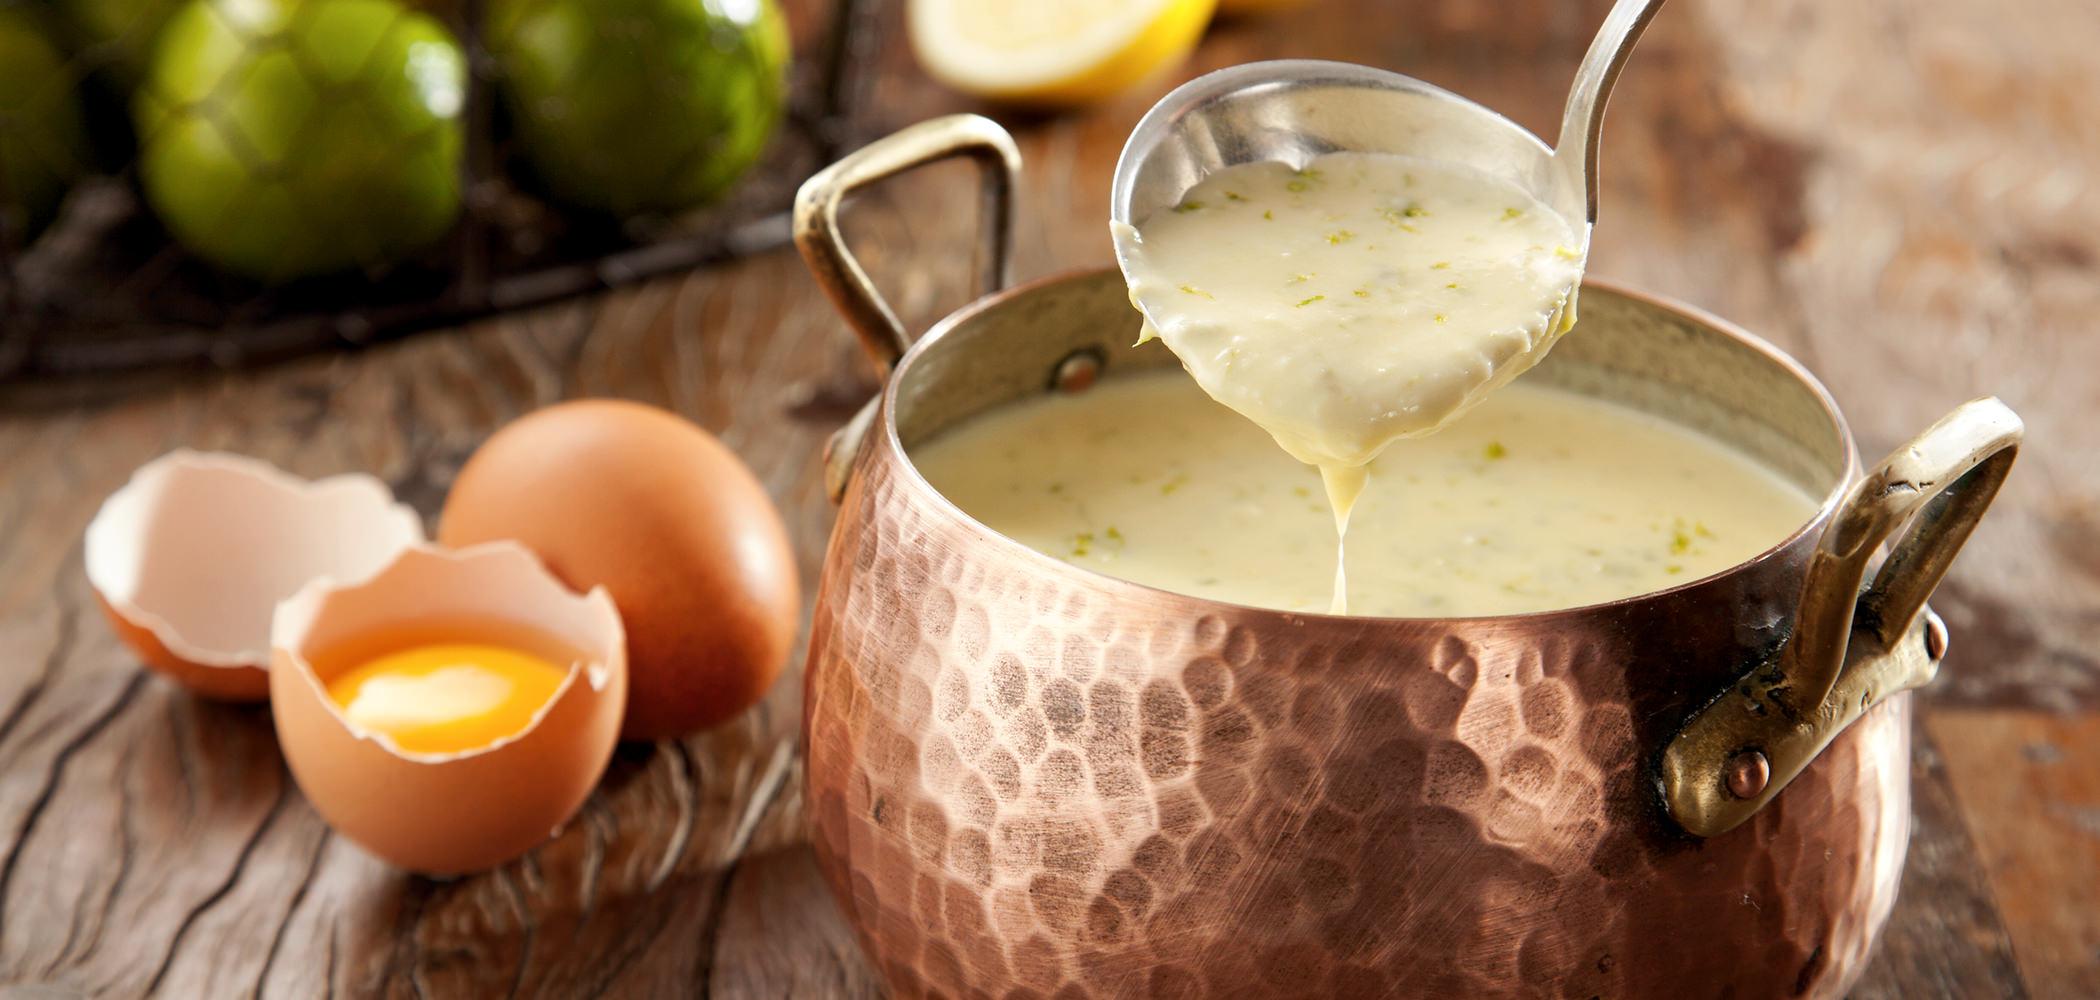 Molho+de+Limao+e+Gemas+Sole+Gourmet+.jpg